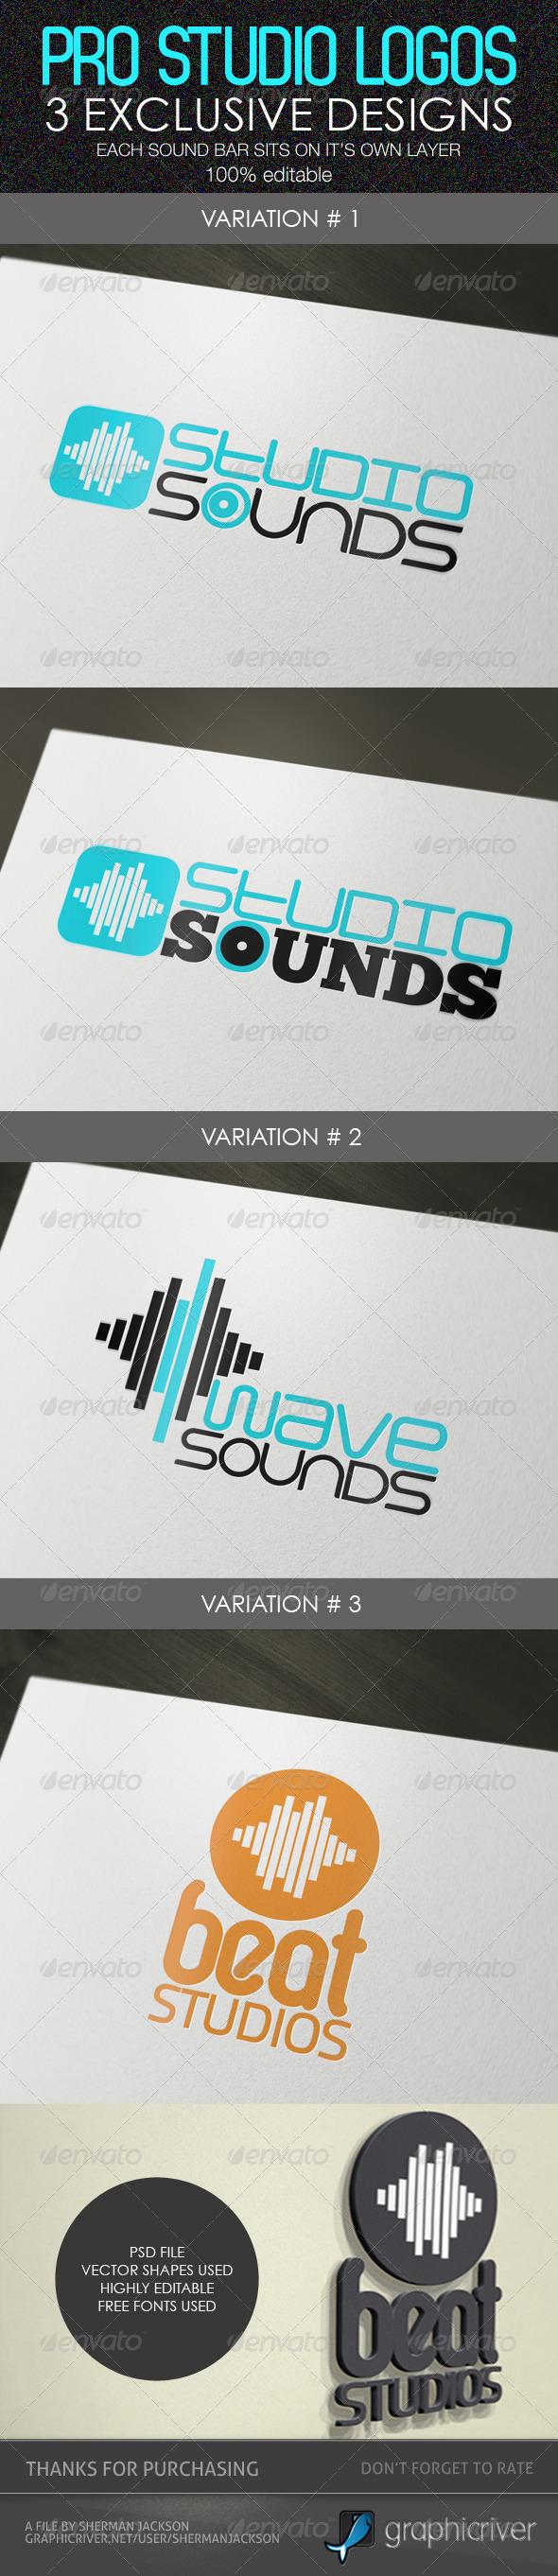 Pro Studio Logos - Abstract Logo Templates